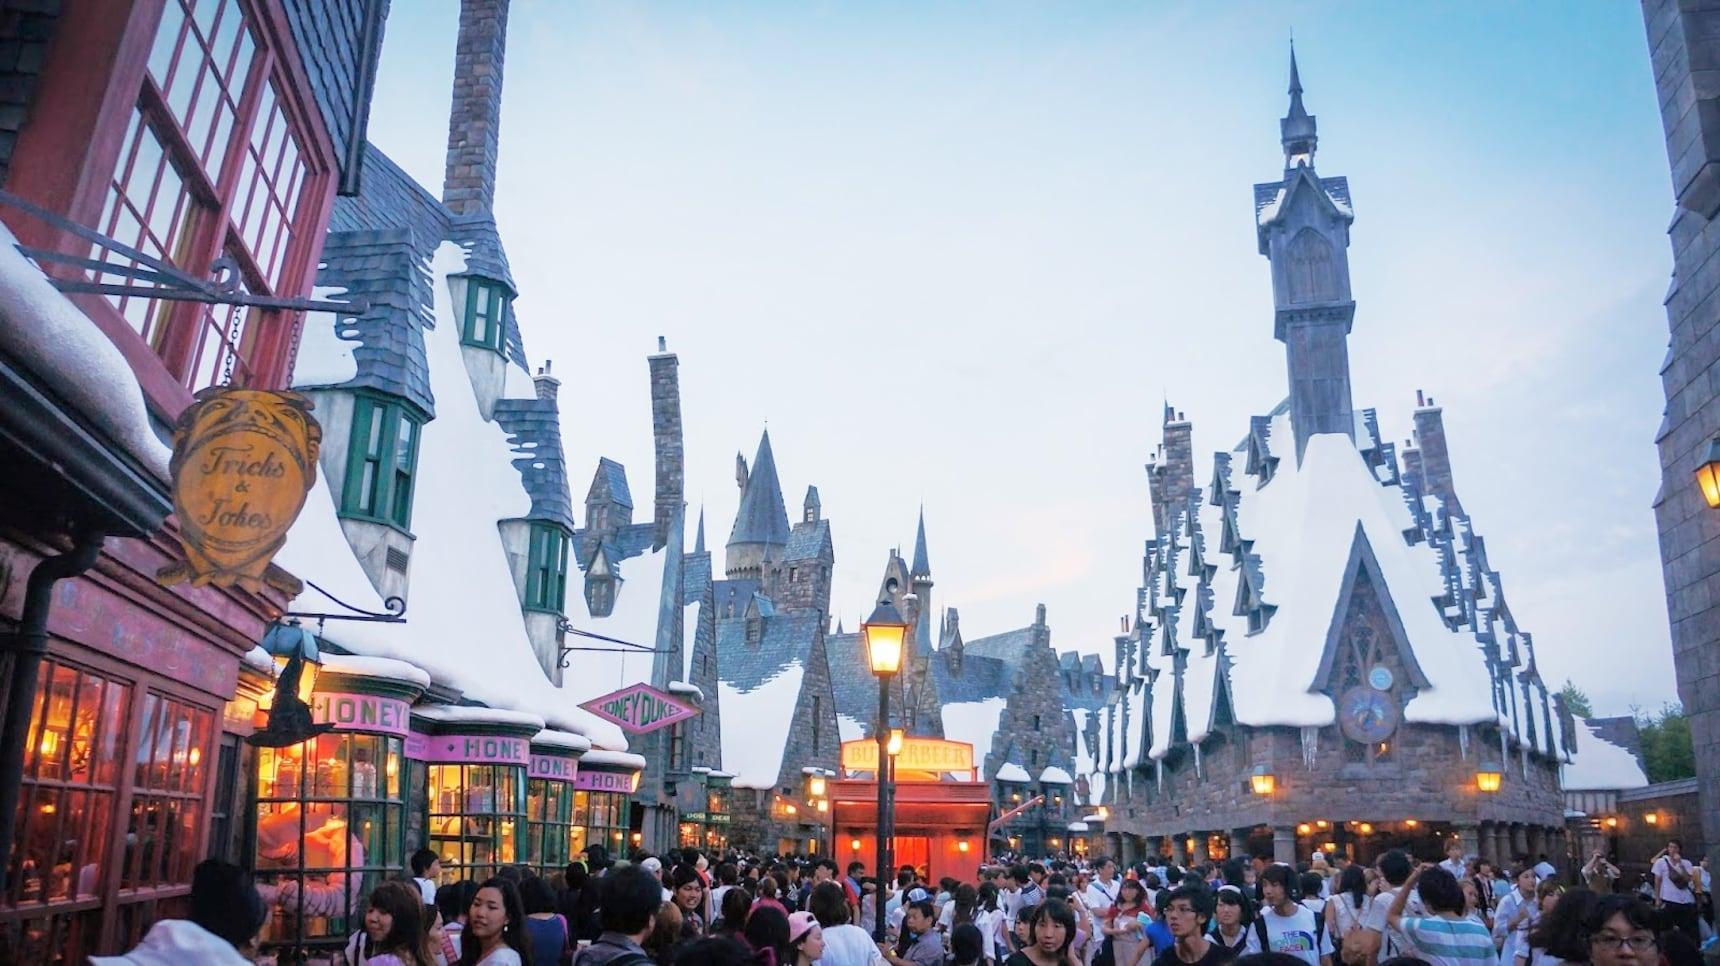 8 ของที่ระลึก Harry Potter มีใน USJ เท่านั้น